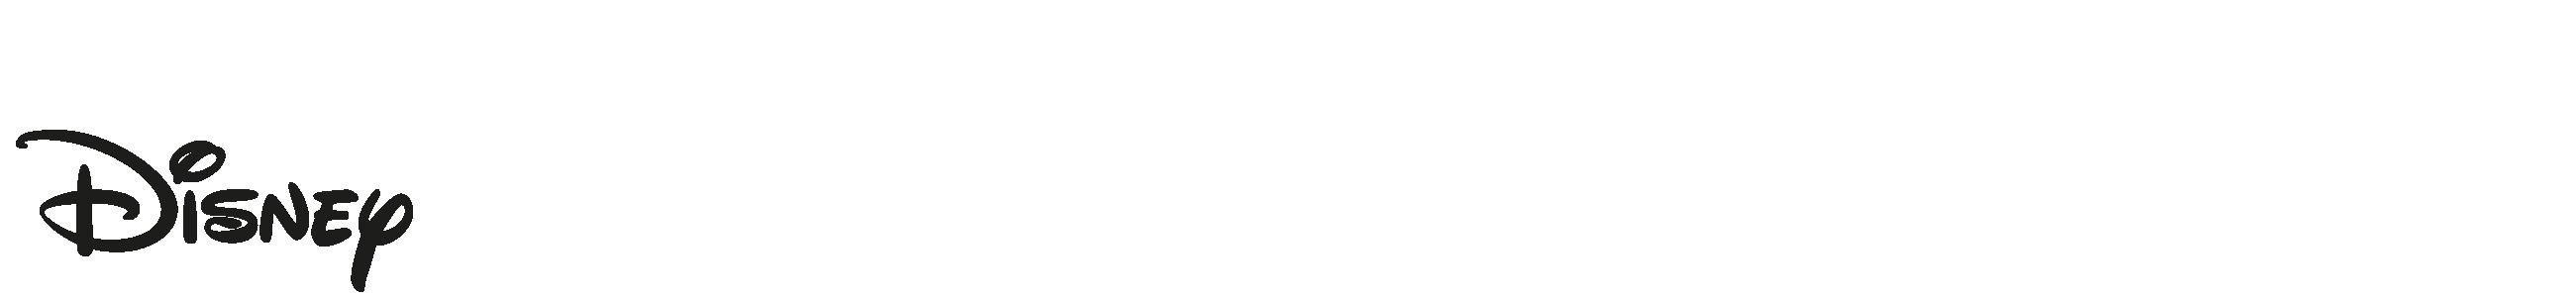 MADHOUSE – WEB_V3_MICKEY 90 ANIVERSARIO – CLIENTES